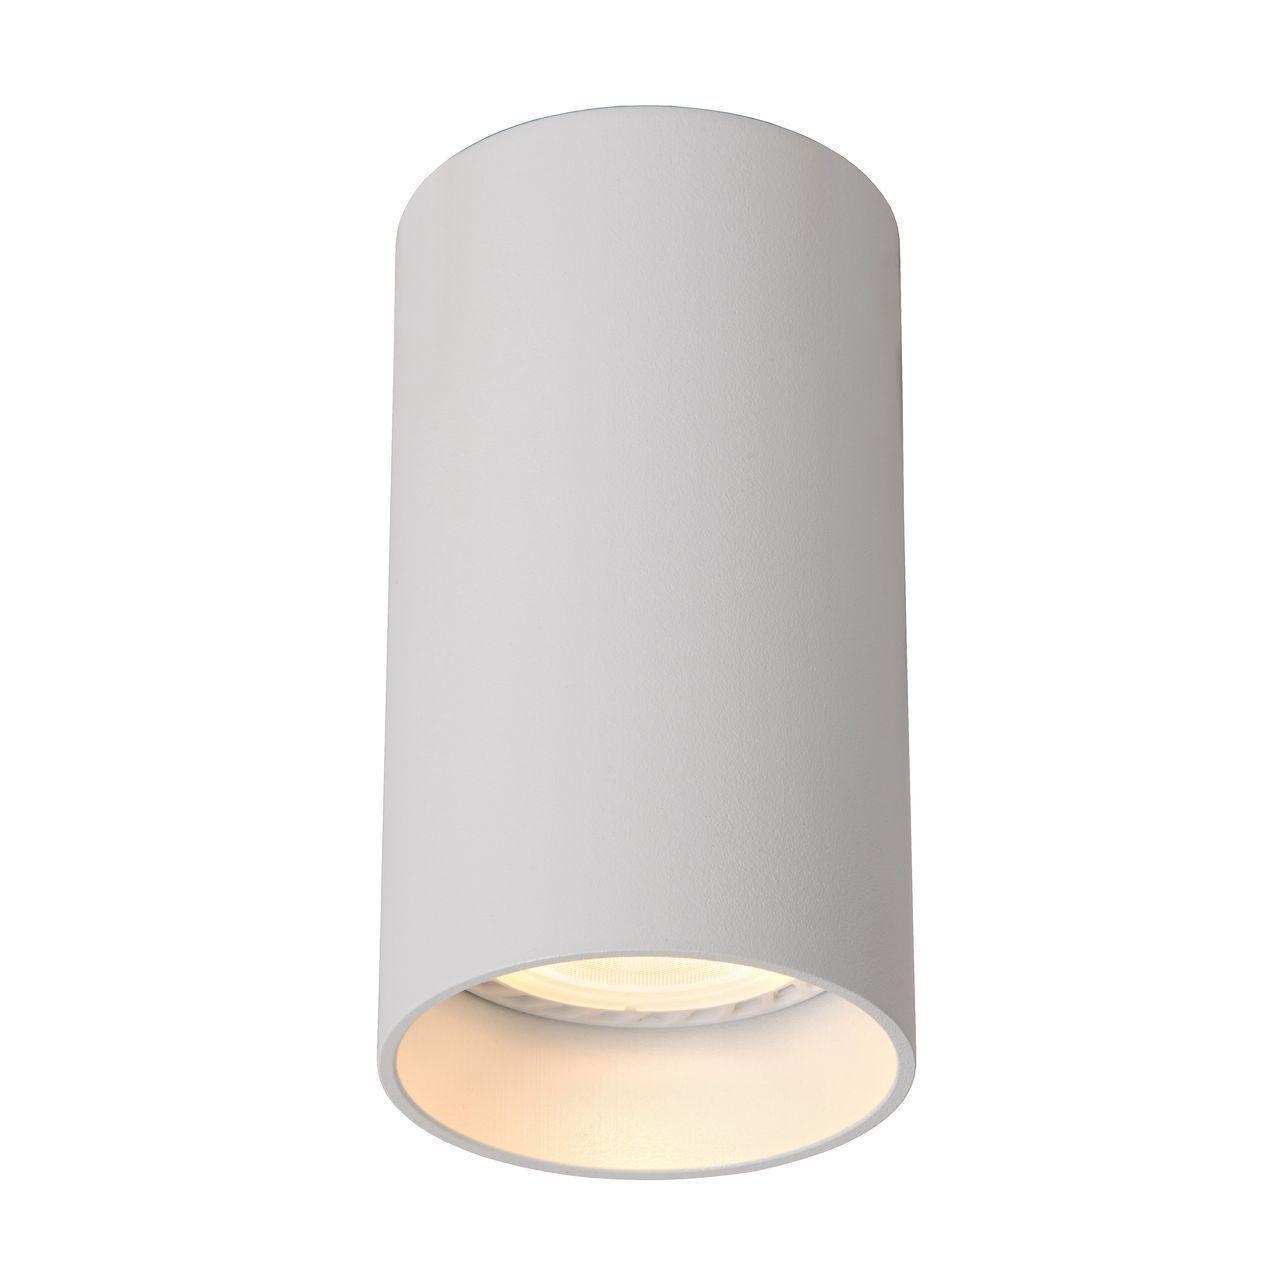 Потолочный светильник Lucide 09915/05/31, белый спот lucide xyrus white 23954 10 31